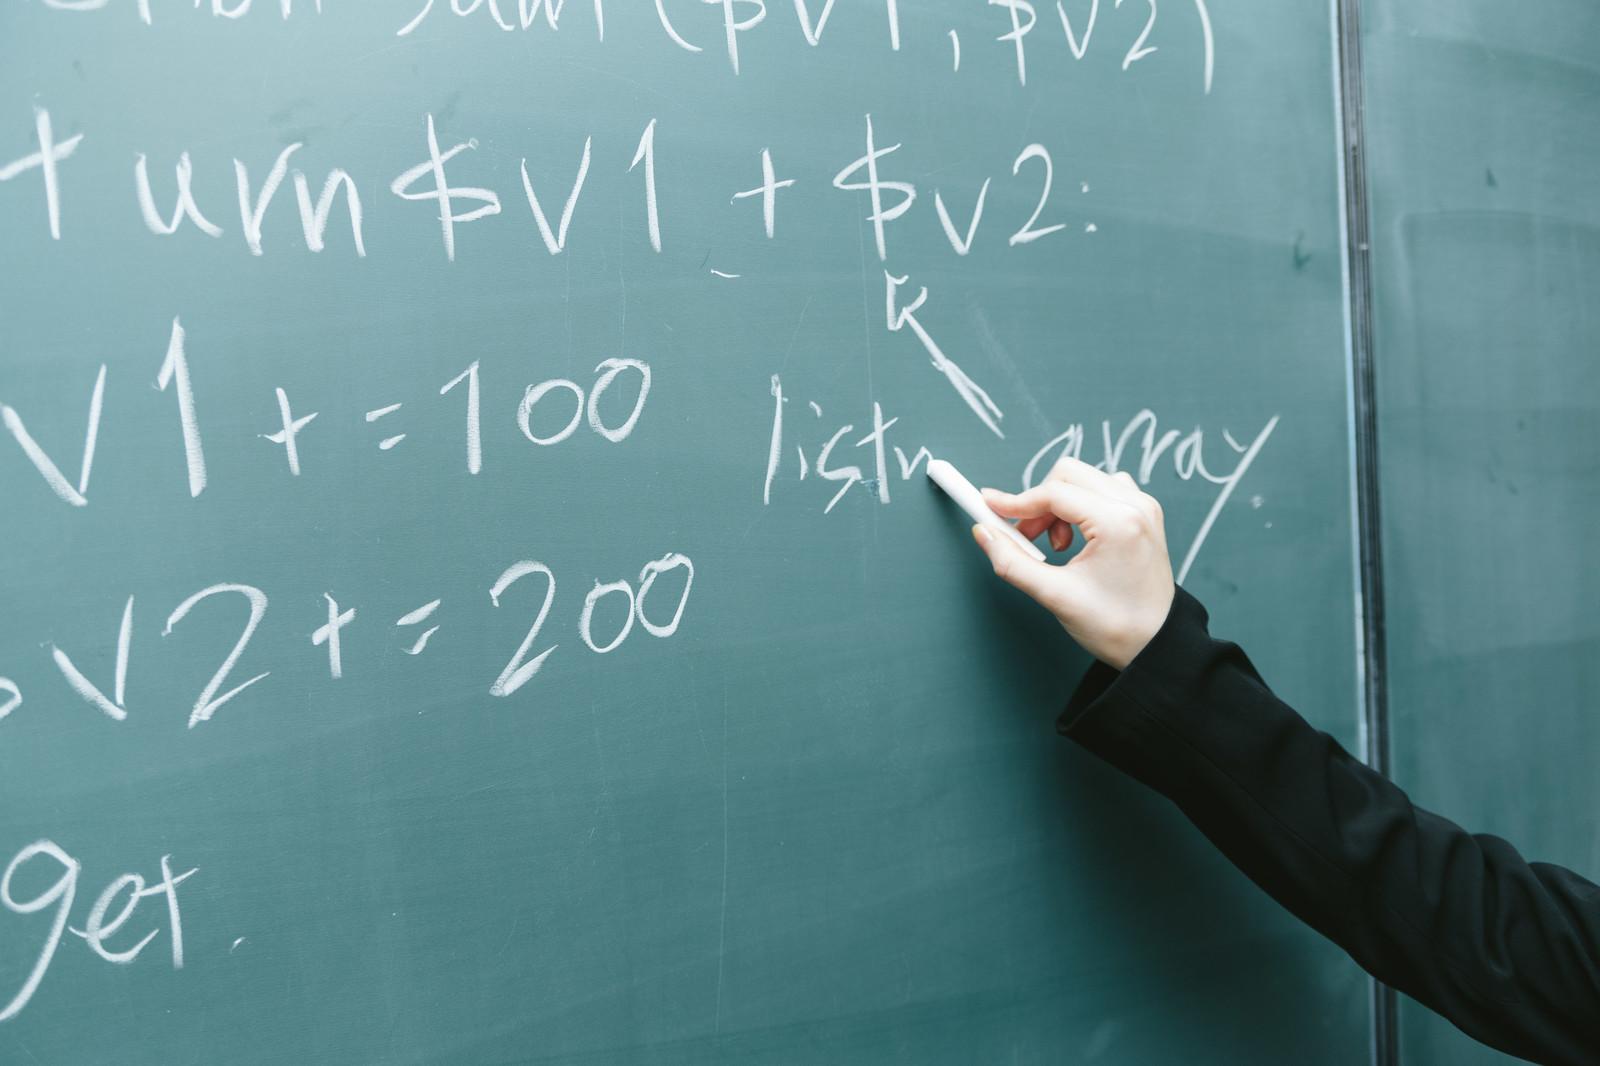 個別指導塾の先生の学力はどの程度必要か?元気で明るい人間性の方が、学力の100倍大切!